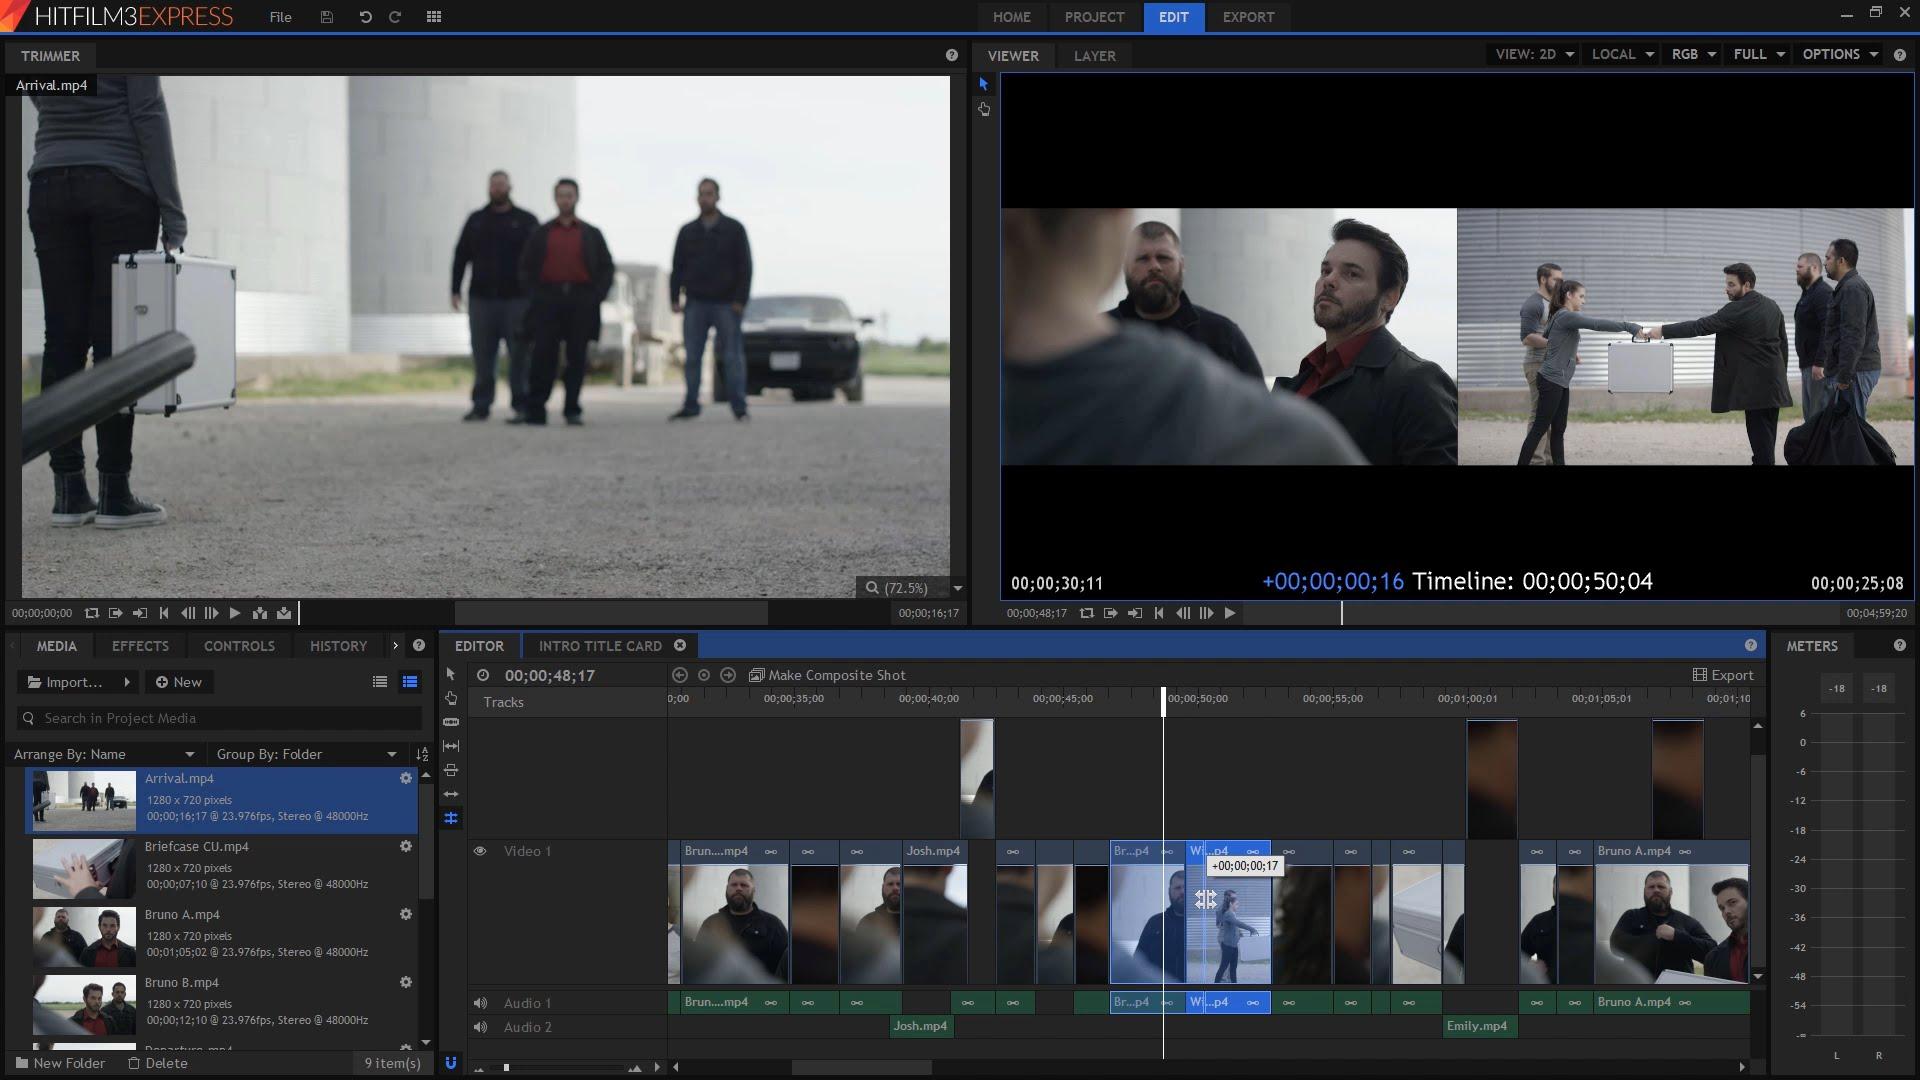 programa hitfilm para edição de vídeo